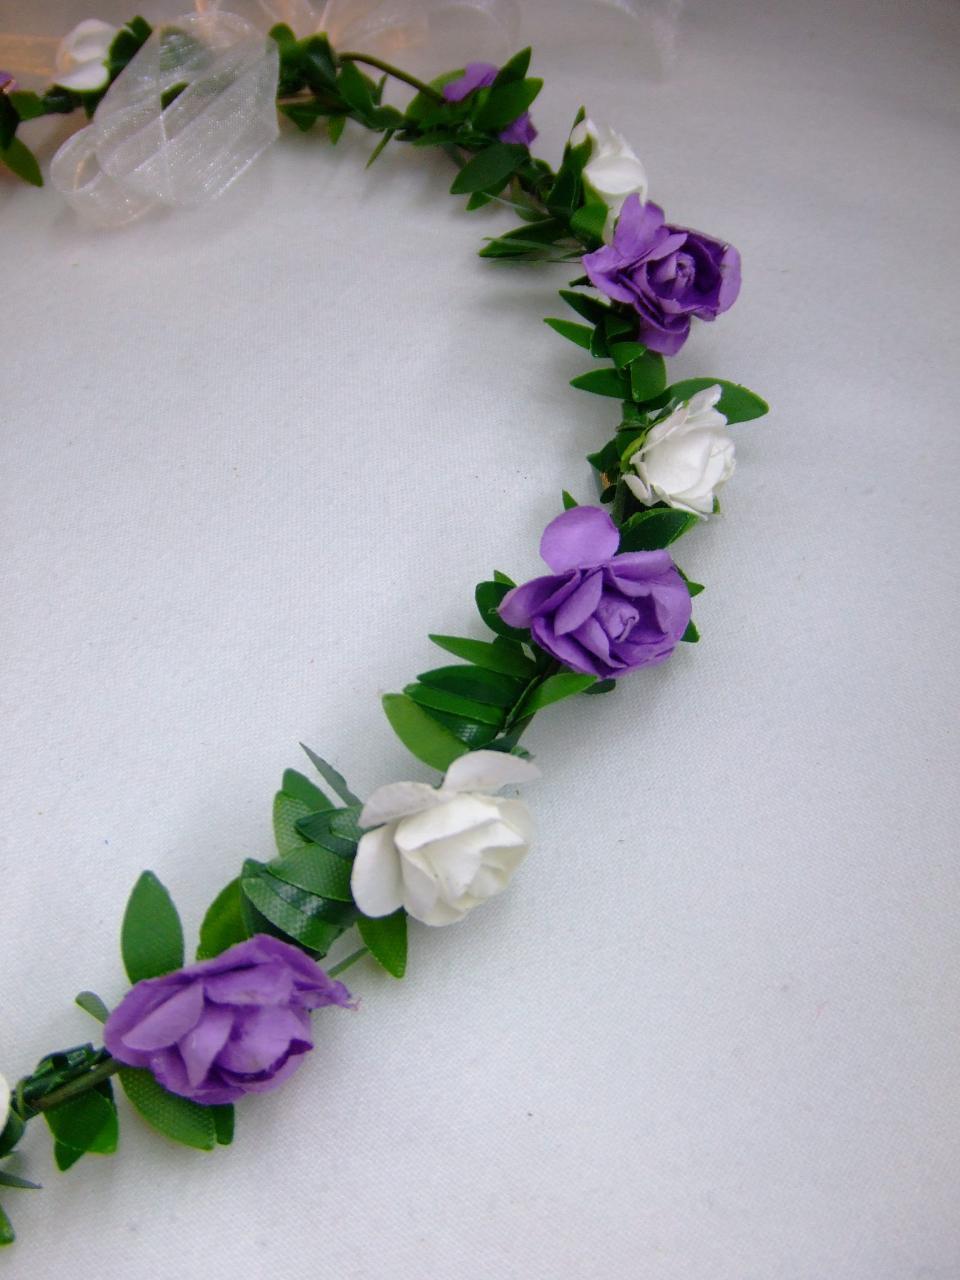 بالصور خلفيات ورد بنفسجي , اجمل صور لزهور بنفسجية 612 10